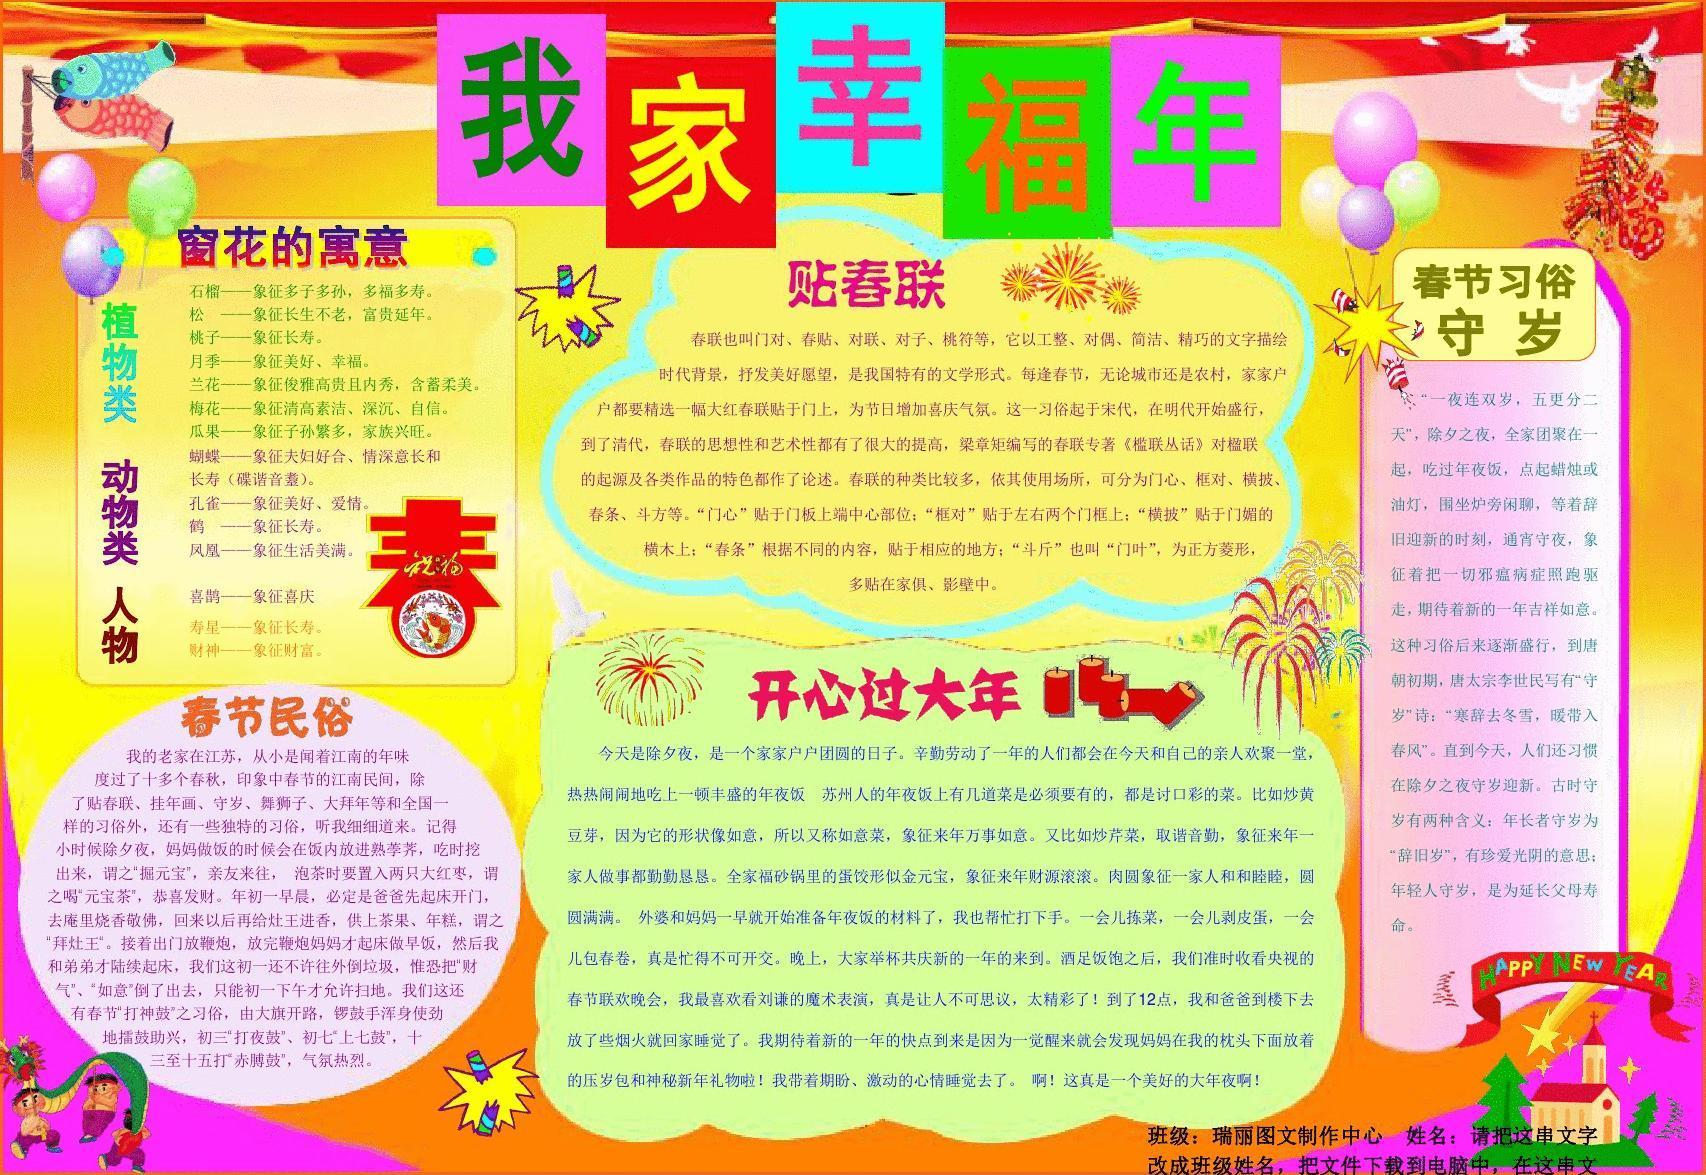 我家幸福年053a3新年春节电子小报成品欢度春节手抄报图片